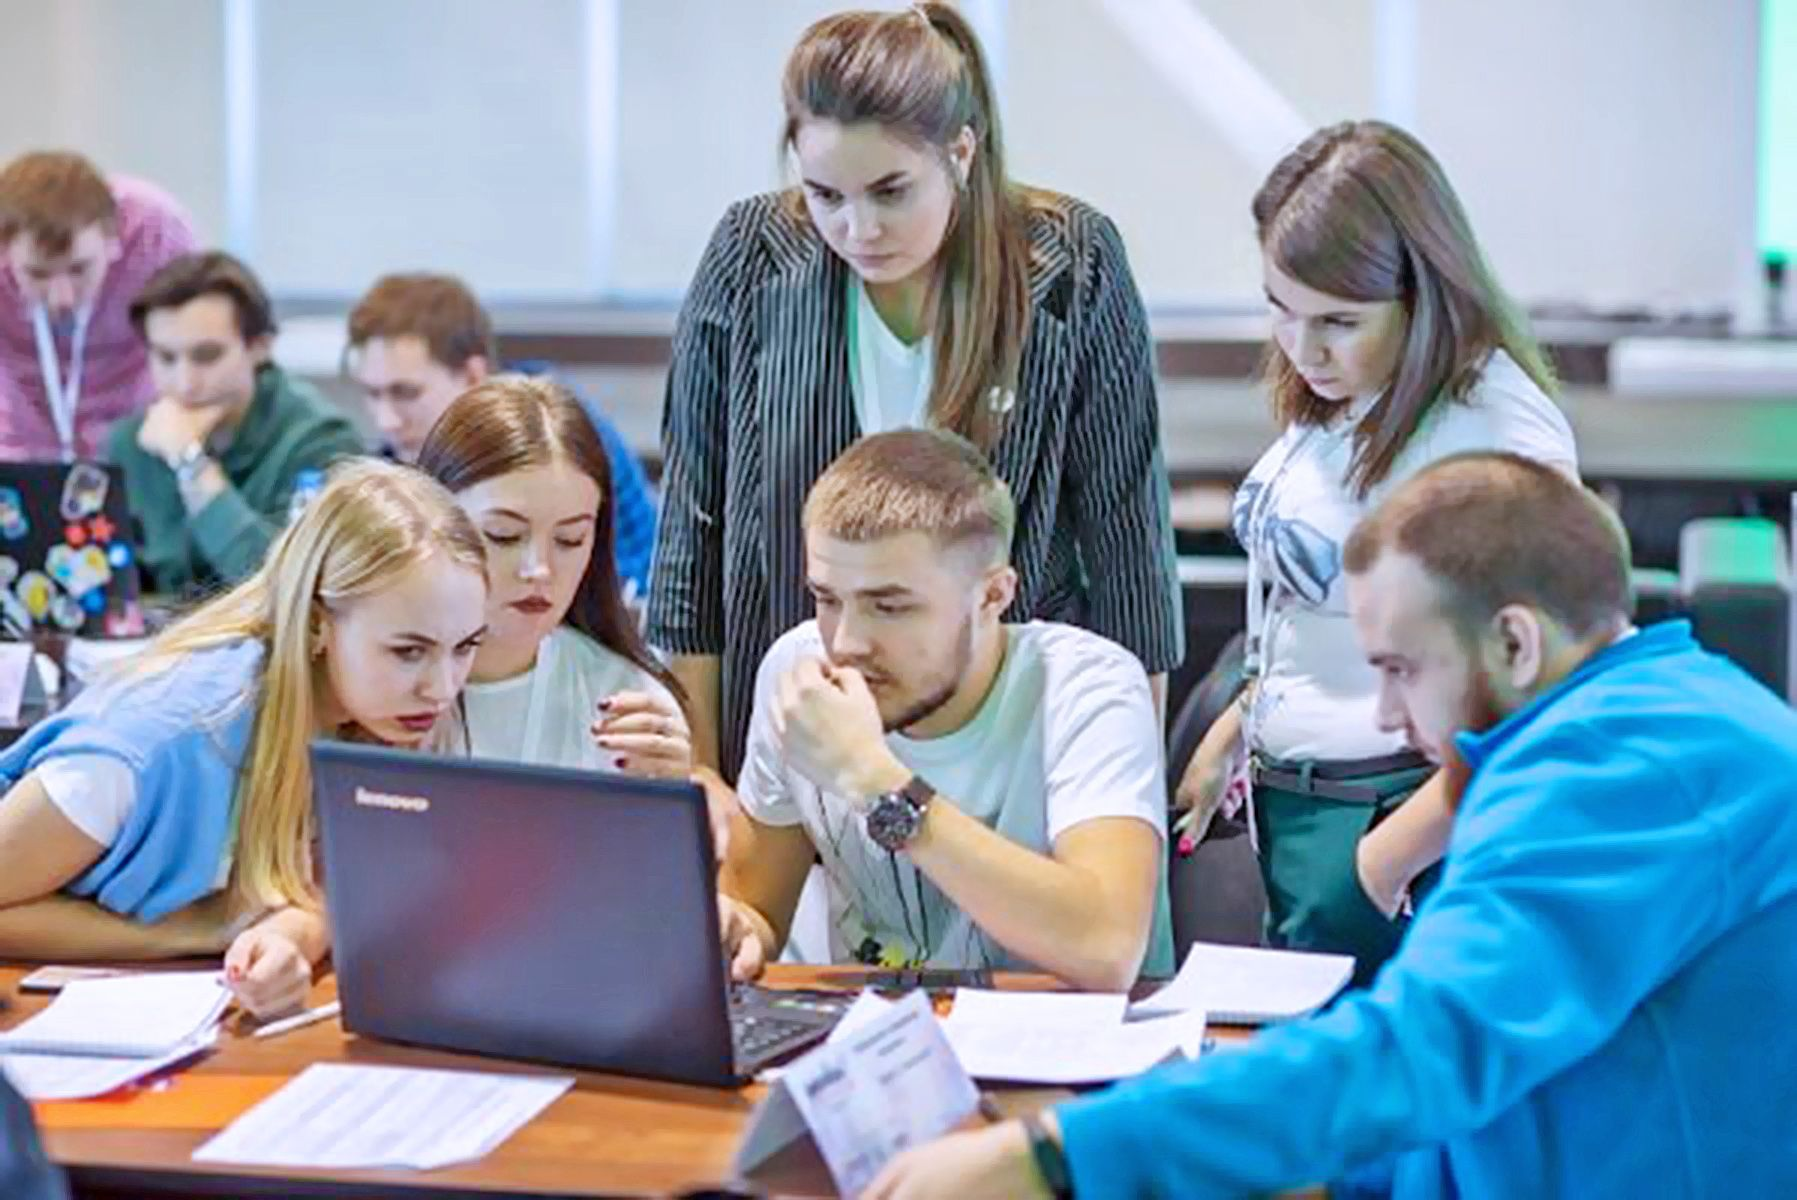 Студенты ВГУЭС - среди победителей тренировочной игры в рамках Кубка «Управляй!»